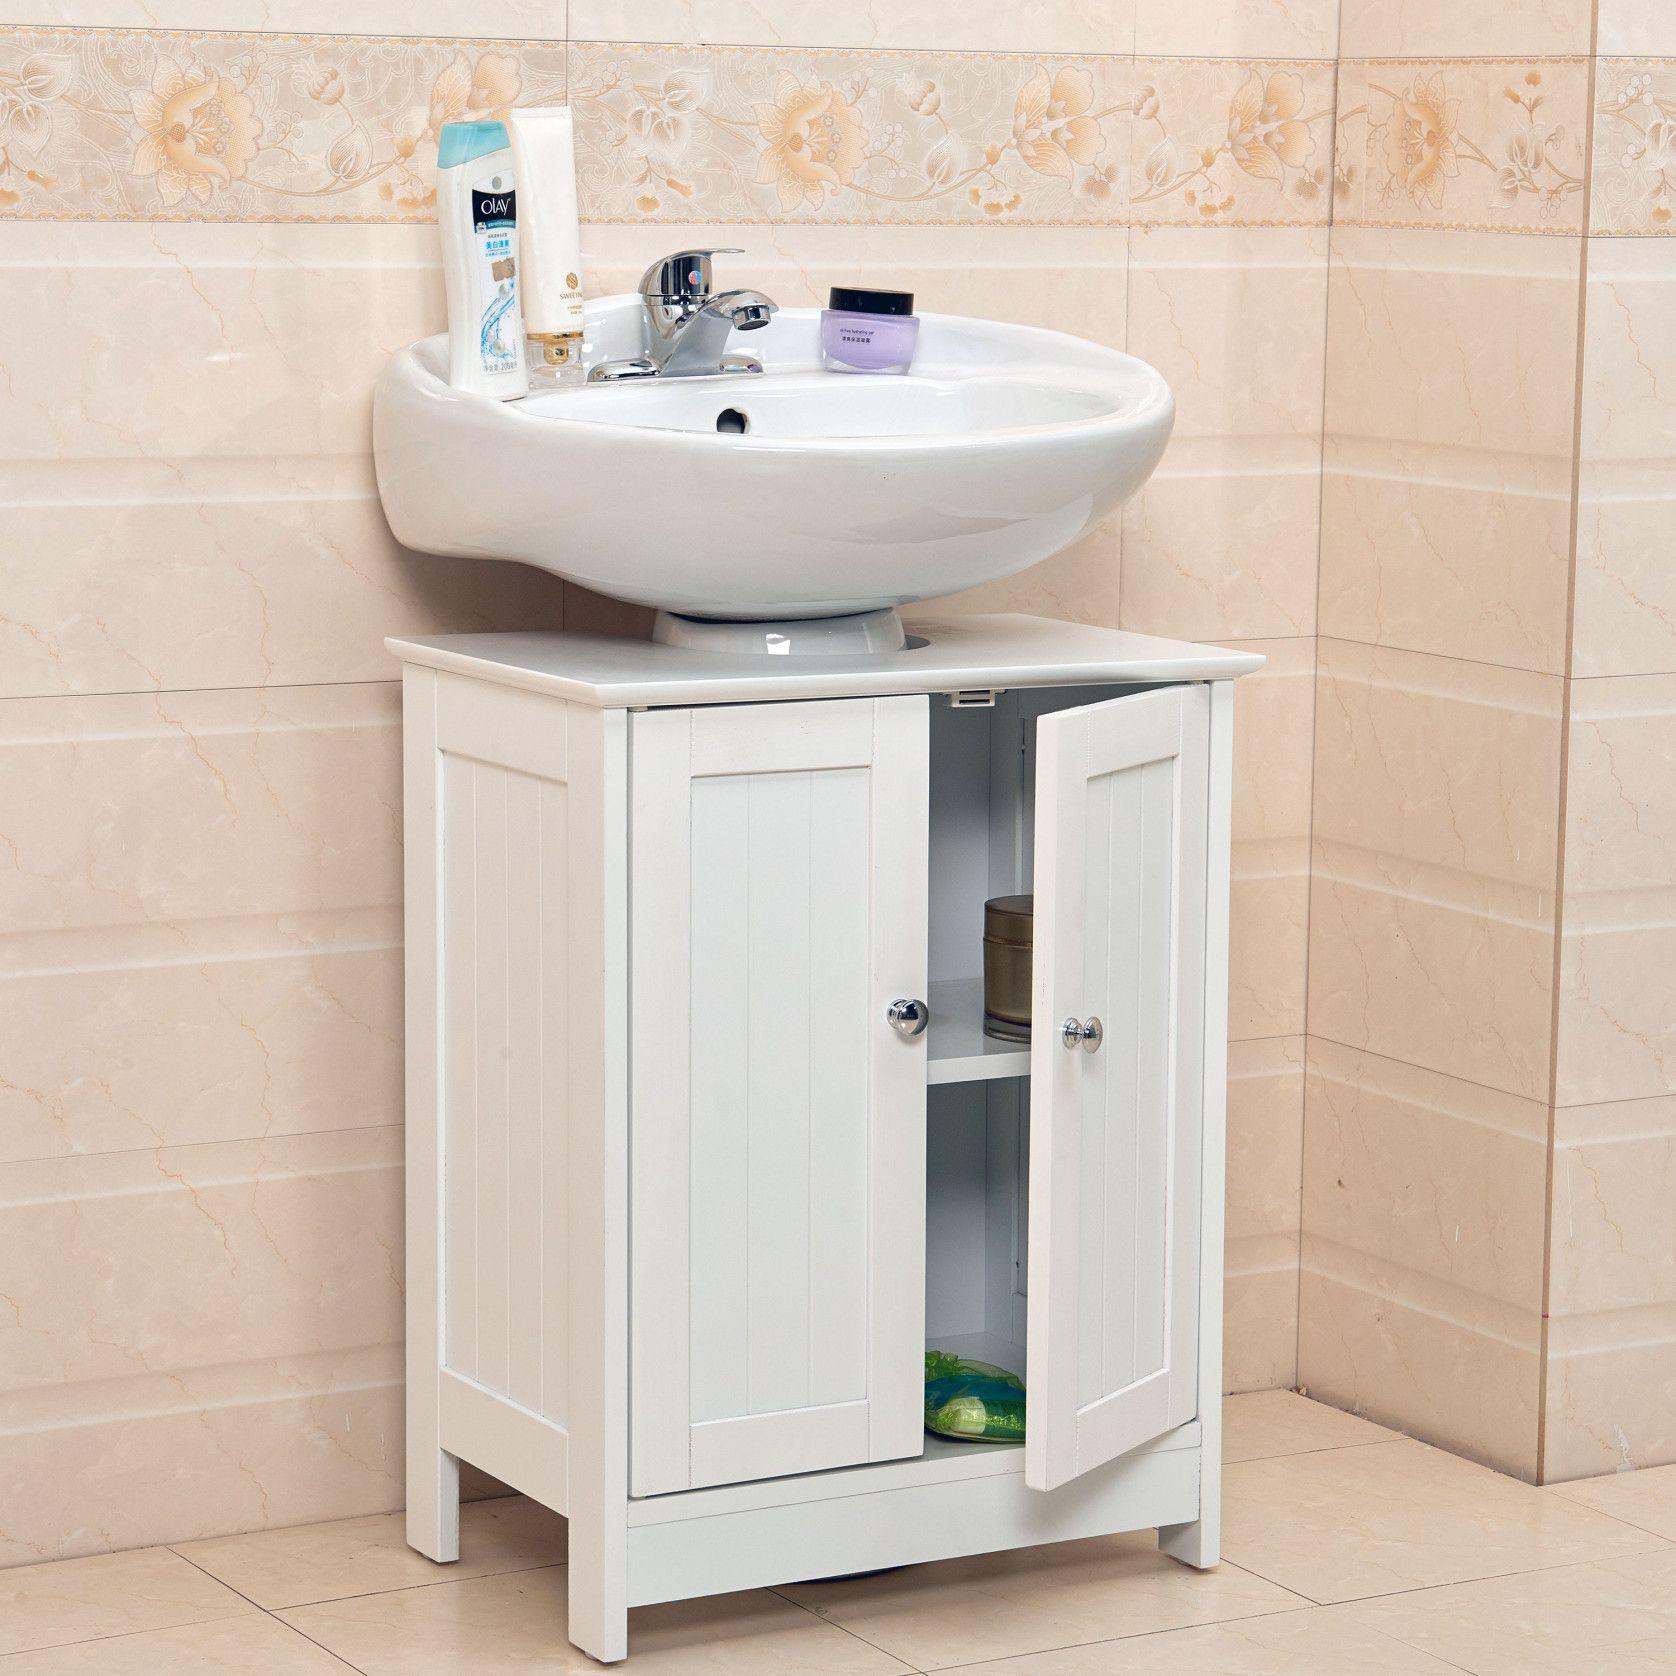 20+ Bathroom Cabinets Under Sink - Unique Kitchen Backsplash Ideas ...